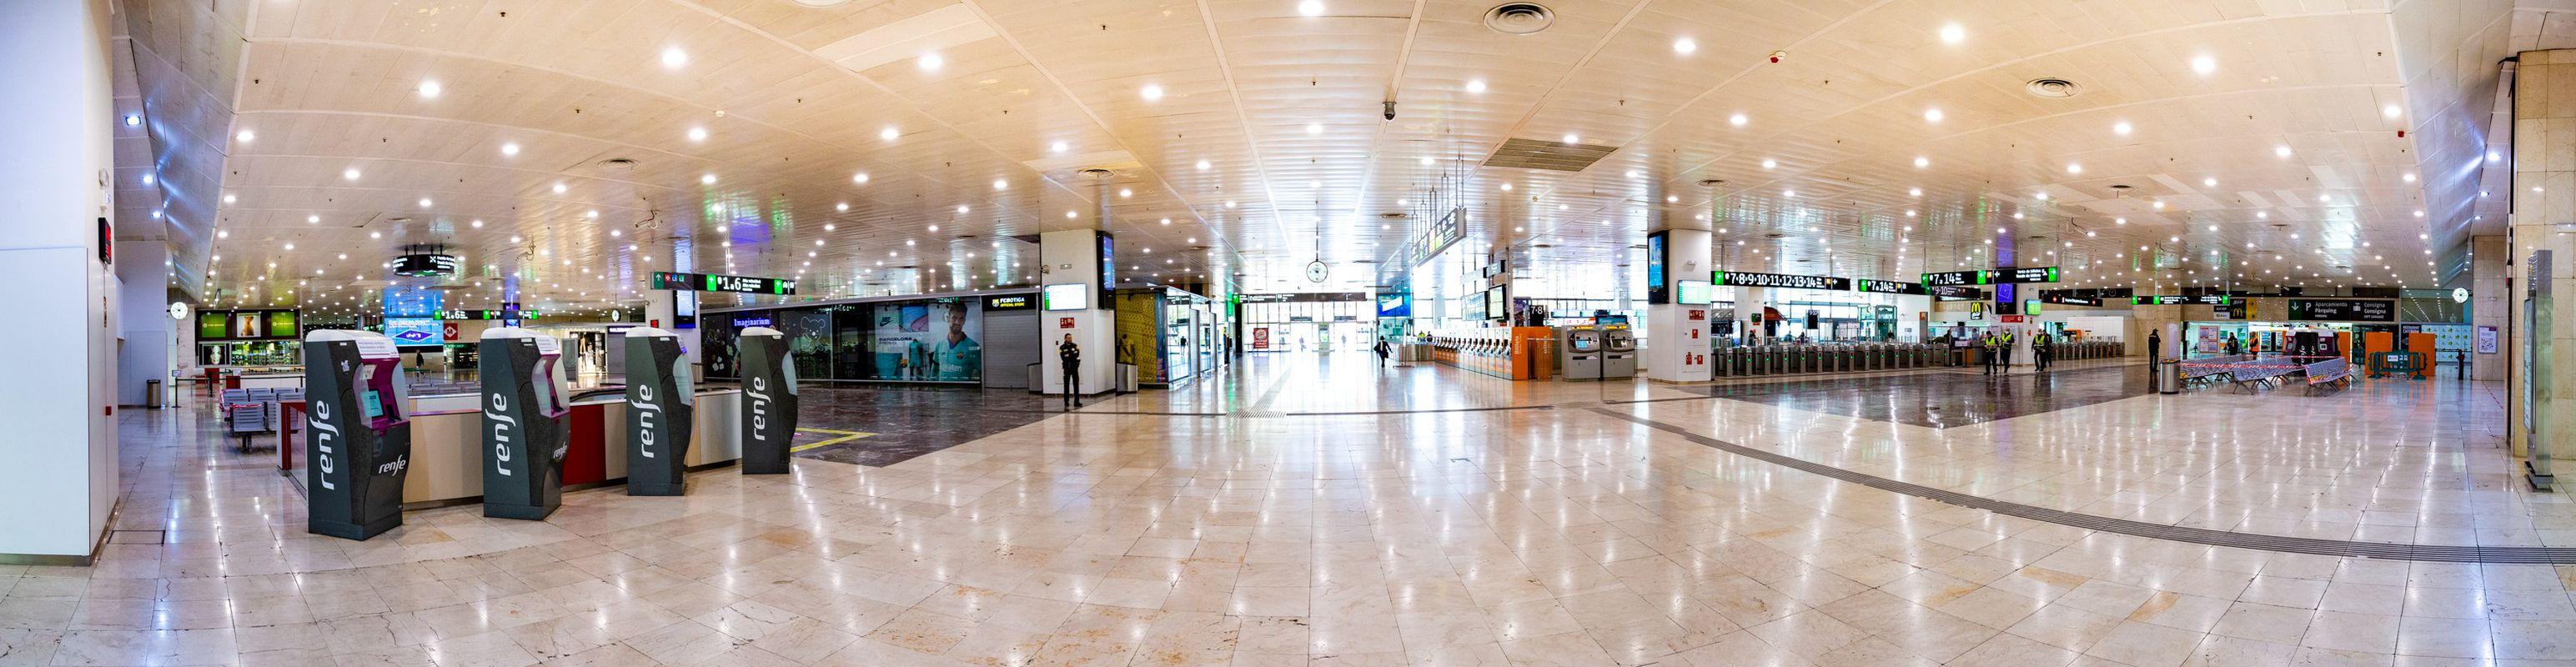 <div class='imageHoverDetail'>              <p class='imageHoverTitle twoLineBreak'>Estación de Barcelona Sants. Vestíbulo sin gente, con un guardia de seguridad...</p>              <p class='imageHoverAutor oneLineBreak'>Autor: Marc Lozano</p>              <button class='imageHoverBtn'>Ver los detalles de la imagen <span class='sr-only'>Estación de Barcelona Sants. Vestíbulo sin gente, con un guardia de seguridad...</span></button>              </div>